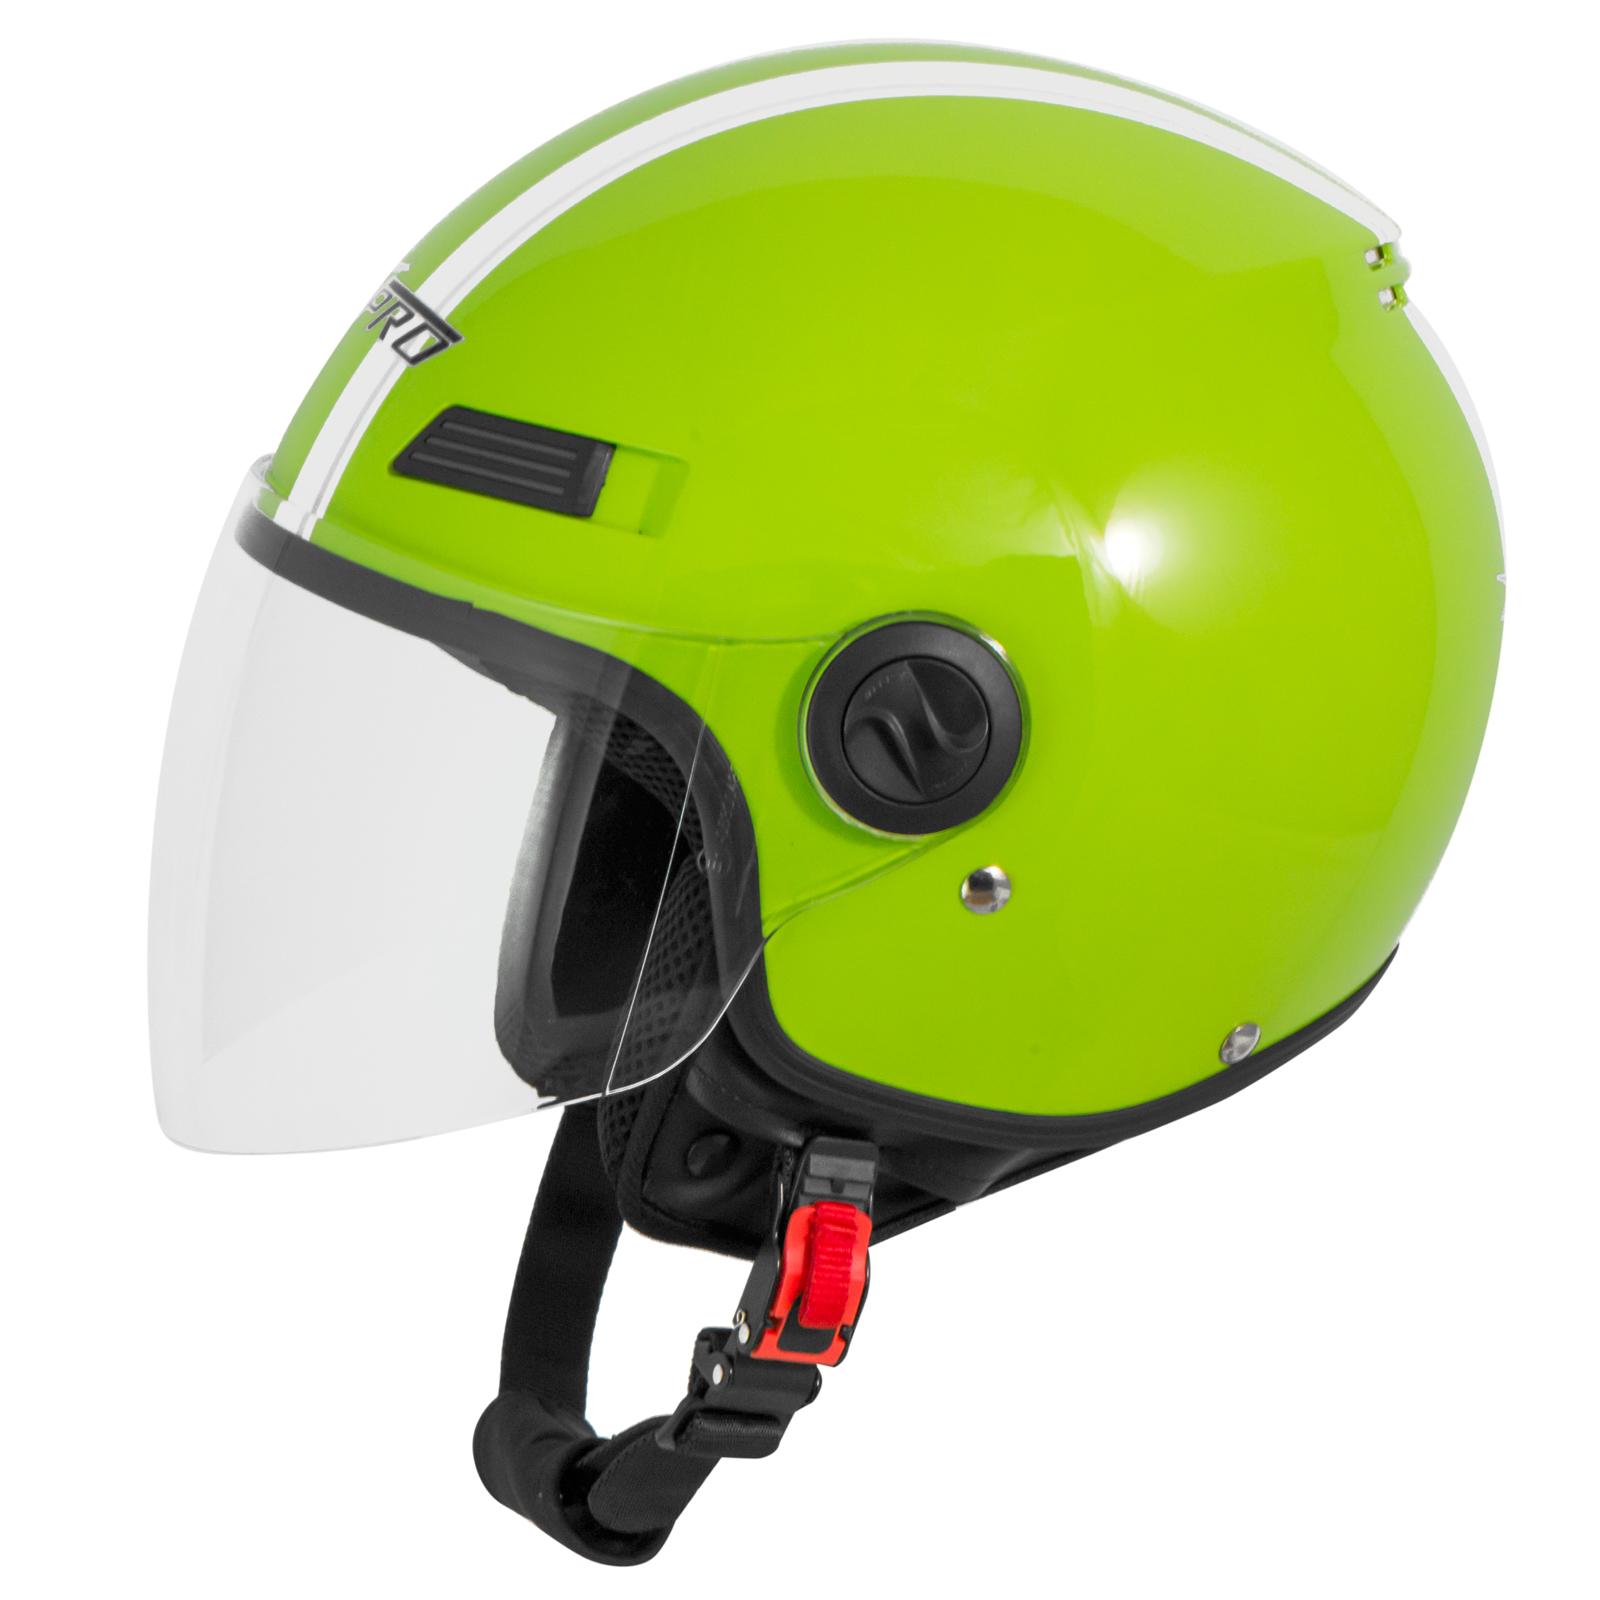 Casque-Avec-Moto-Scooter-Quad-Jet-Visiere-ECE-22-SonicMoto miniature 16